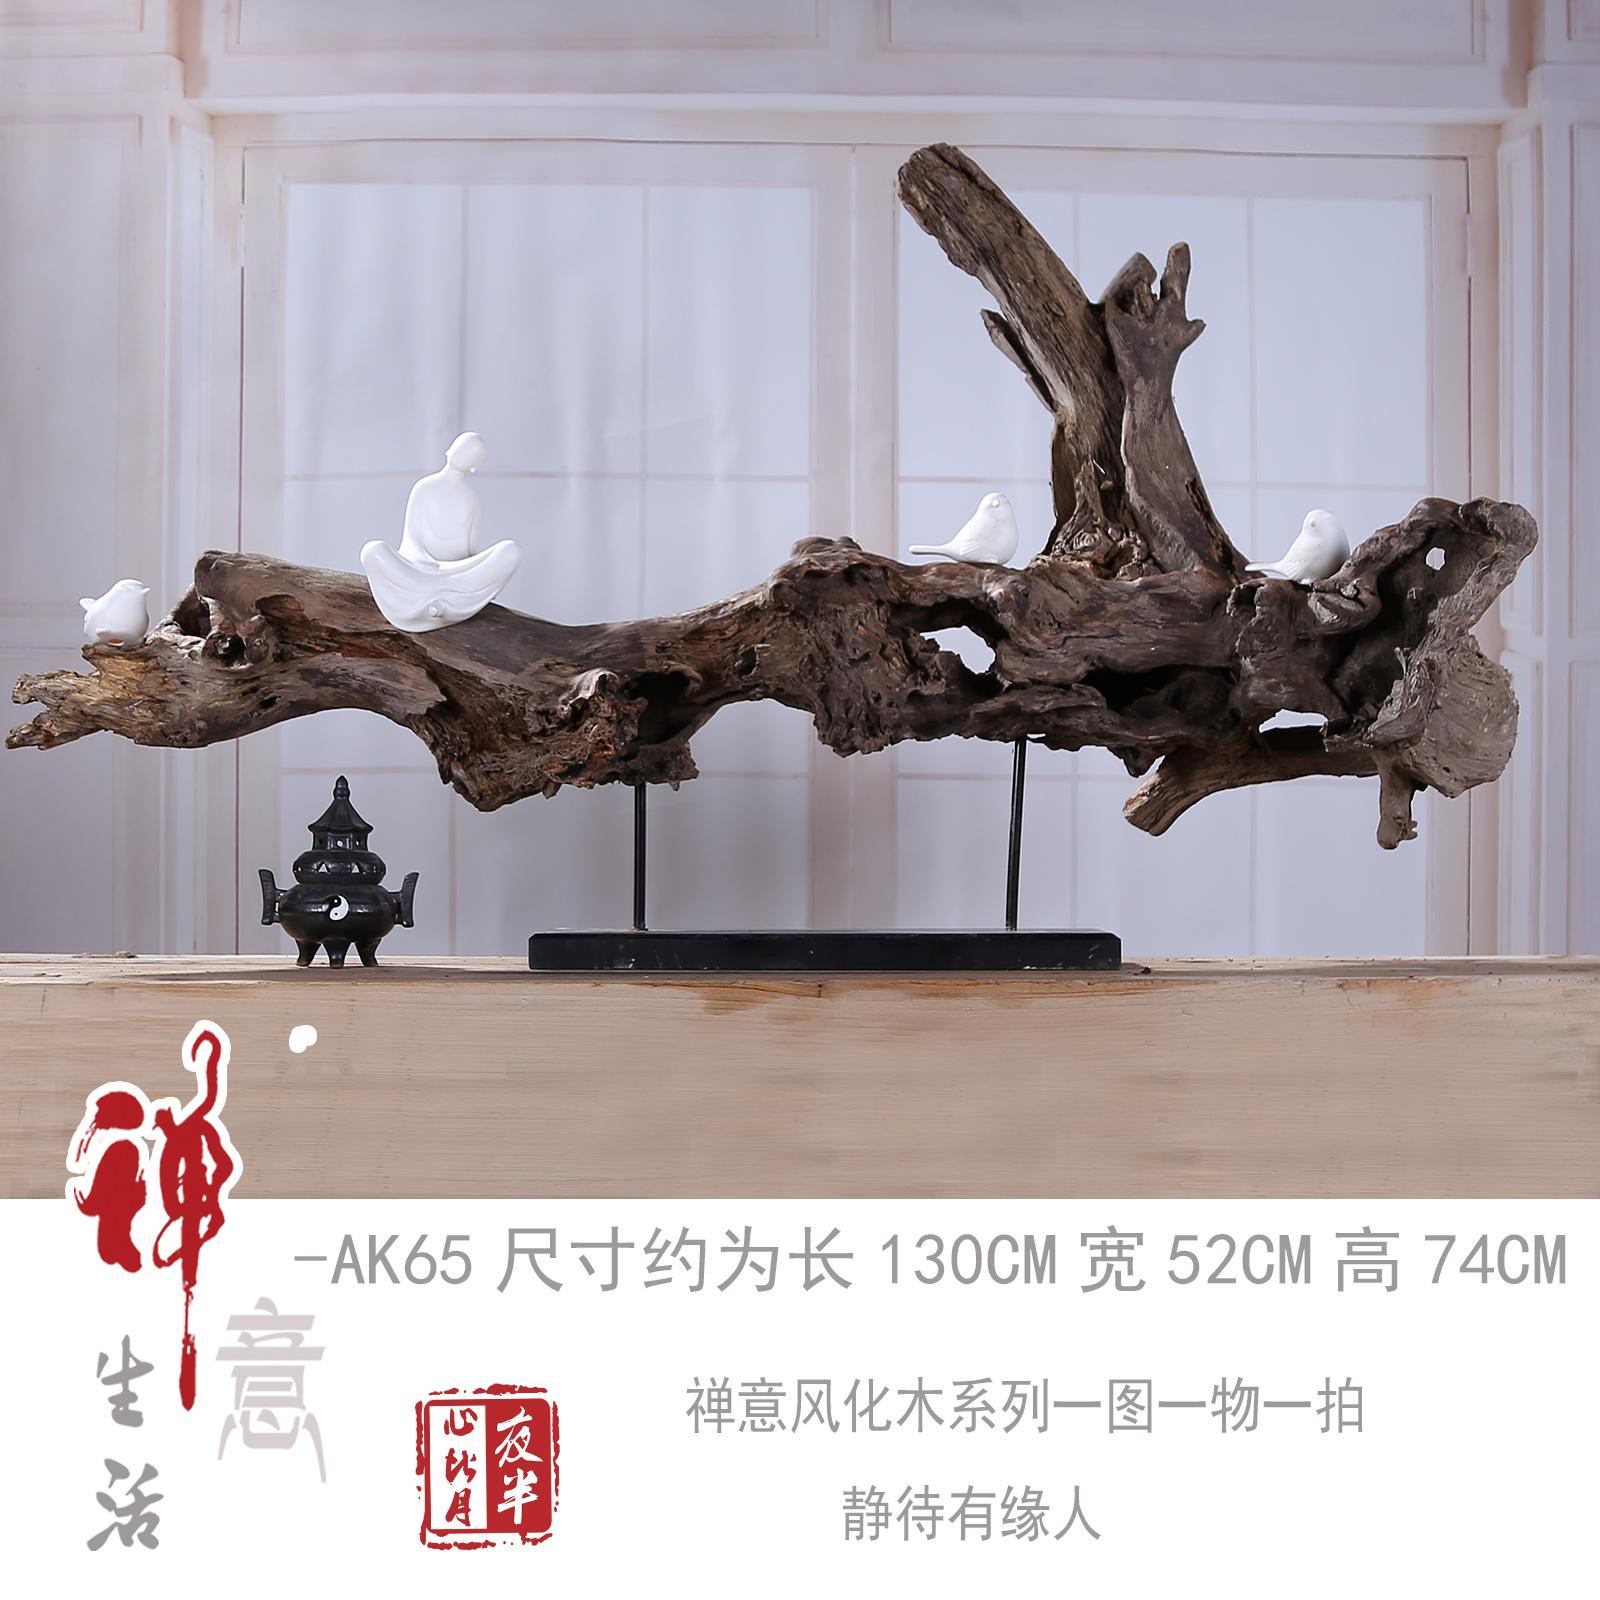 Резные изделия из корней дерева Артикул 562632537043